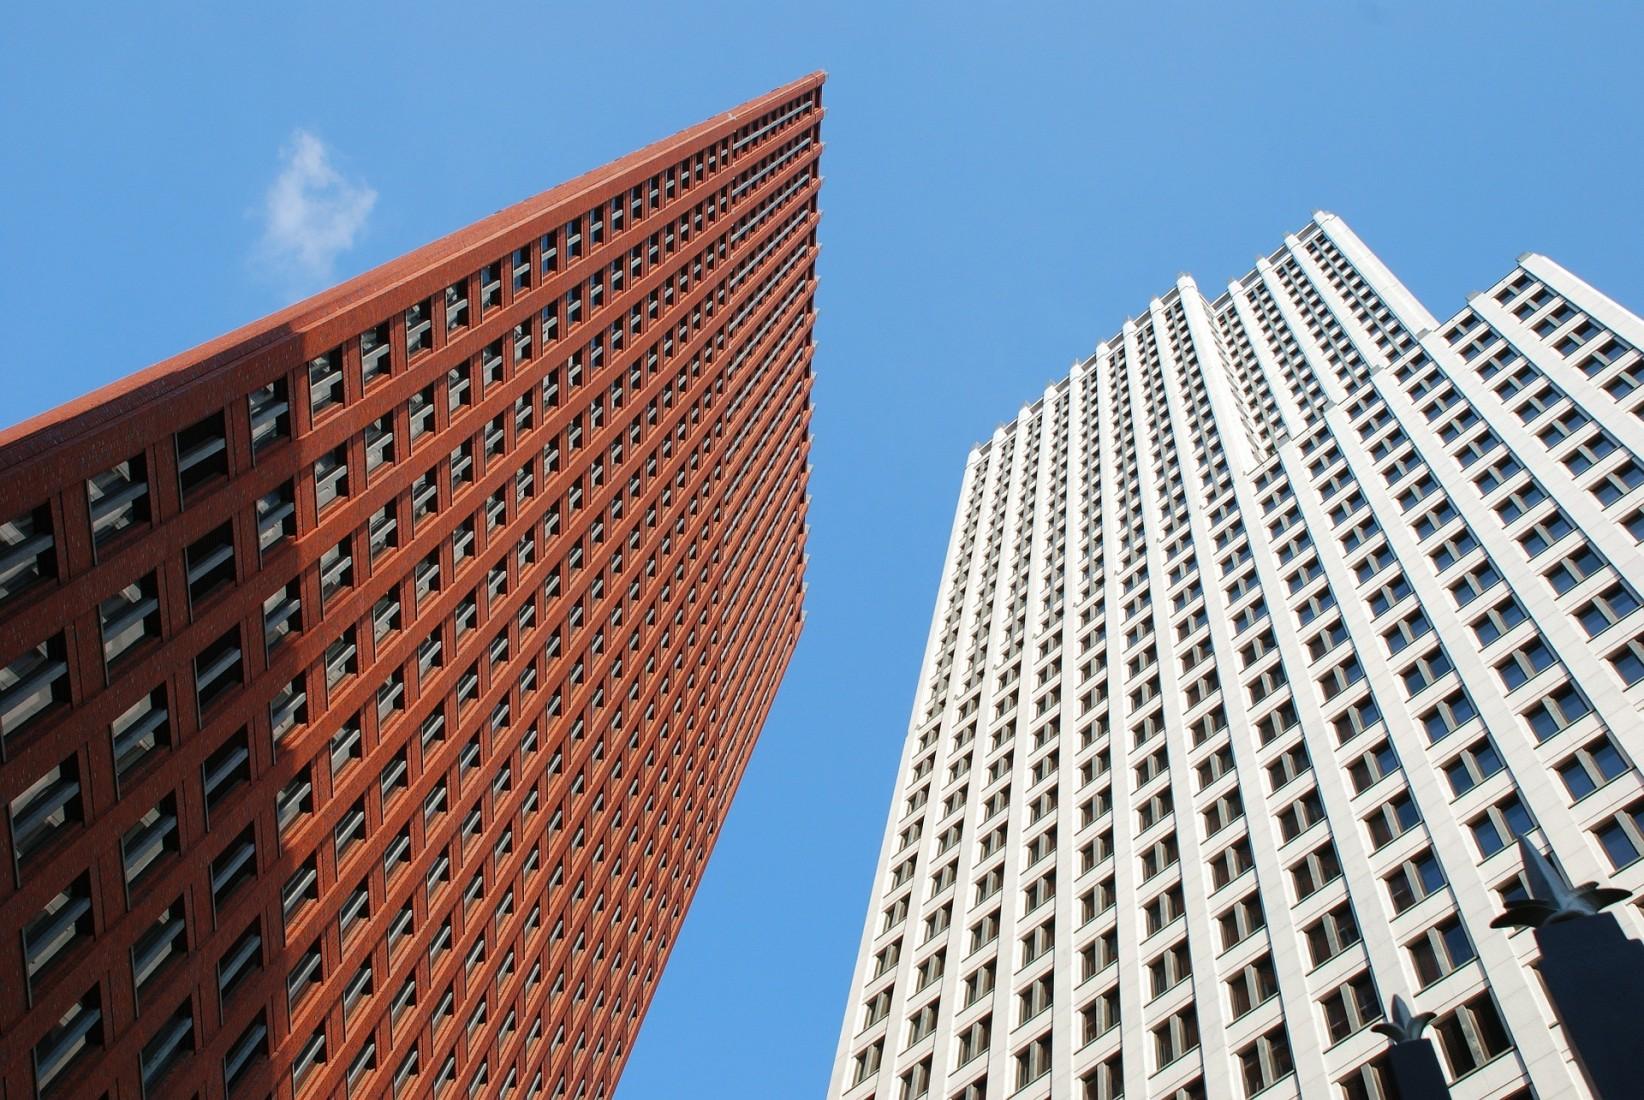 Hochhäuser müssen aus feuerbeständigen Bauteilen konstruiert werden. Foto: Pixabay